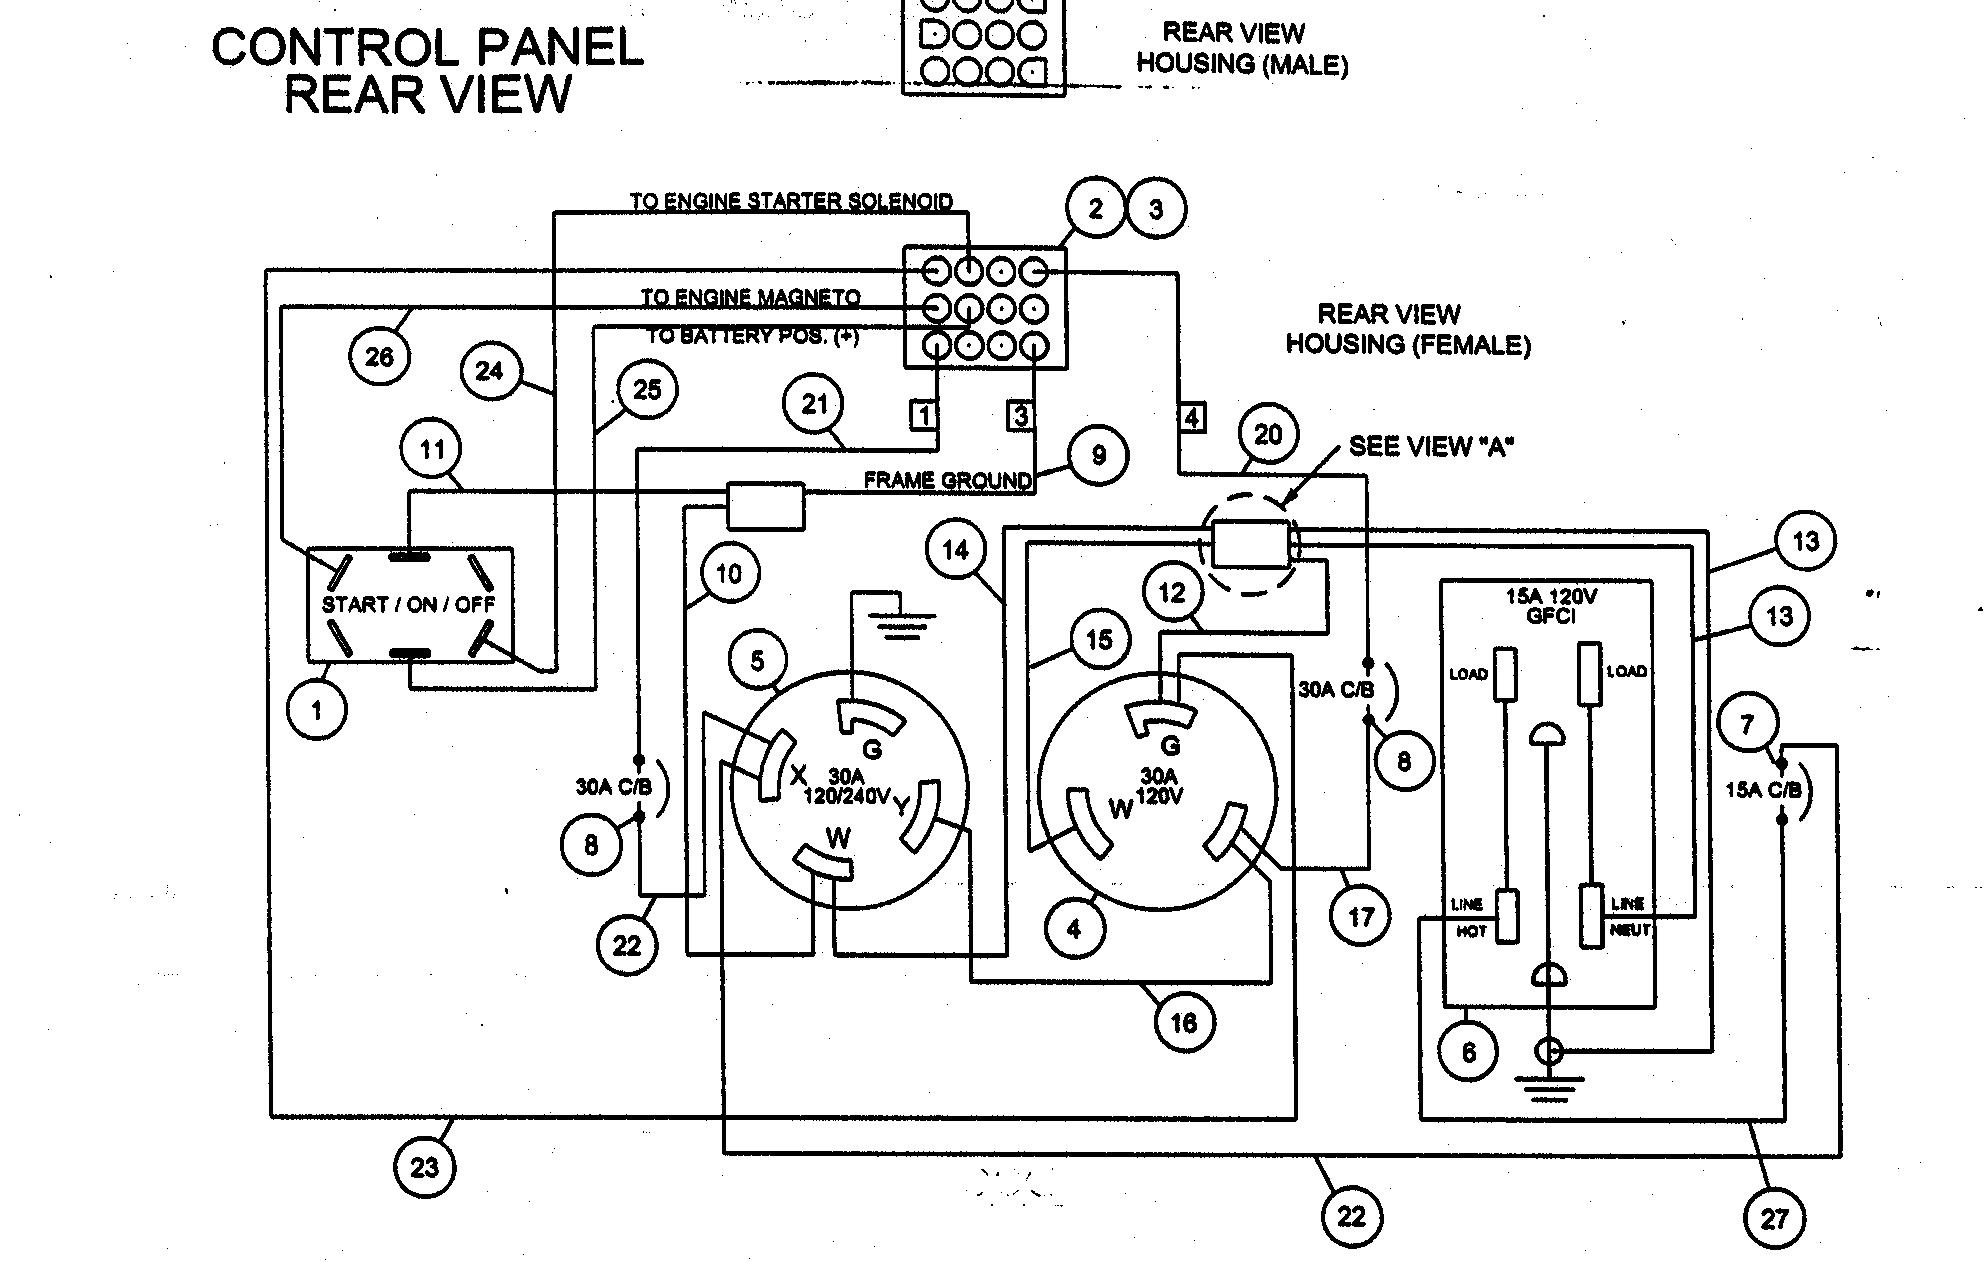 ga_4963] generator wiring diagram 5600 watt portable generator ...  rosz magn urga benkeme verr kapemie mohammedshrine librar wiring 101